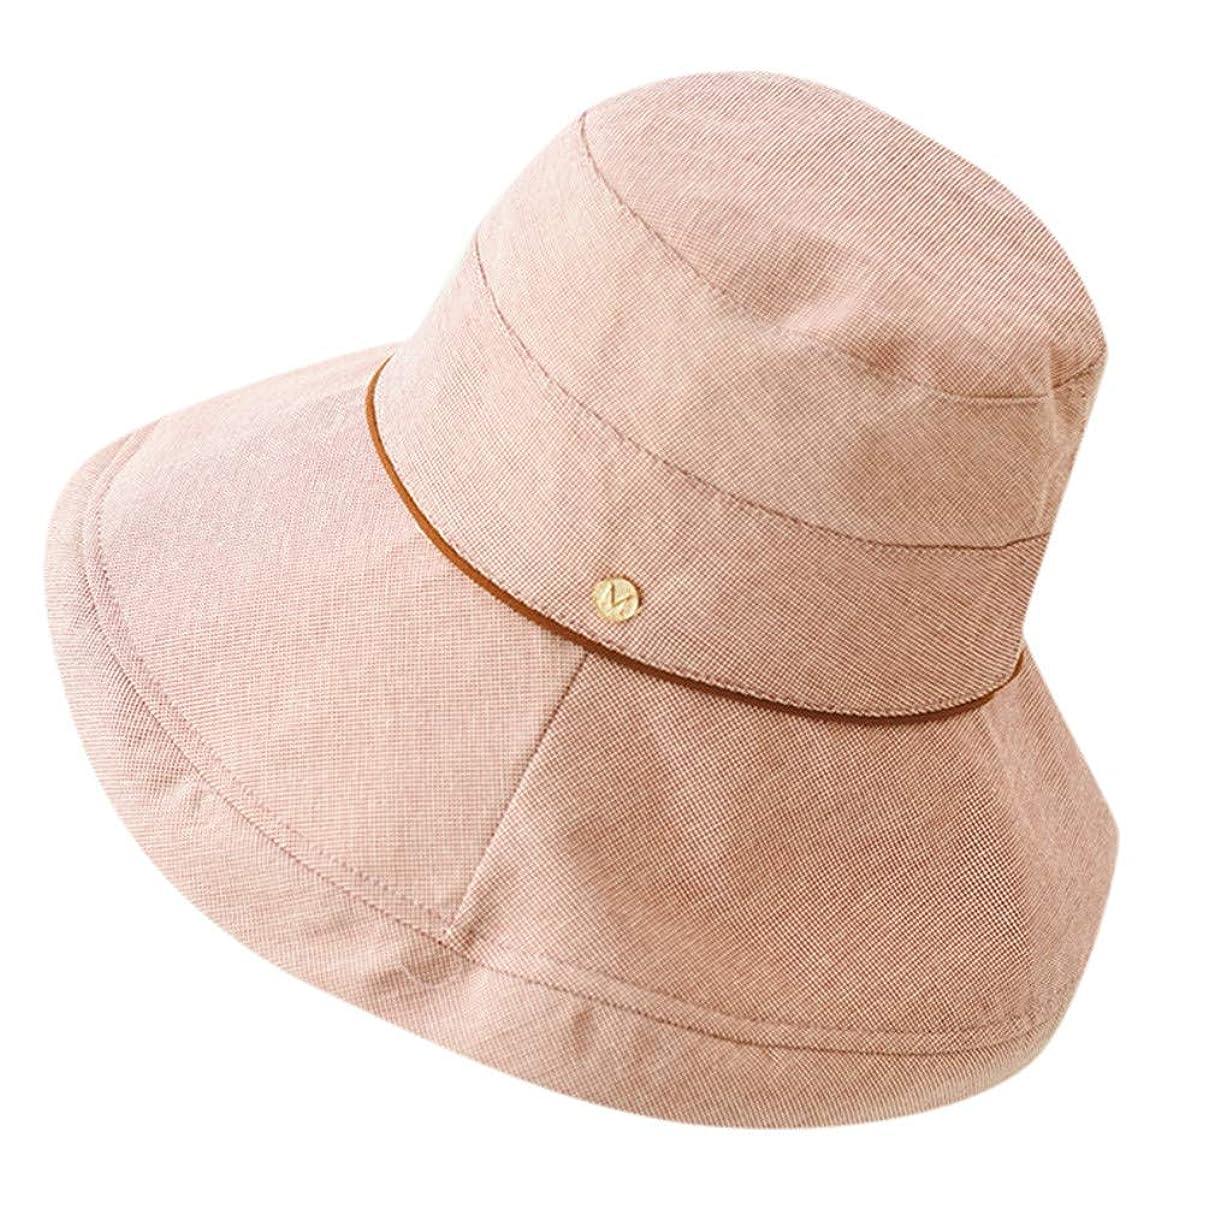 まあ日の出ハント漁師帽 レディース UVカット帽子 つば広 ハット 綿 ハット 帽子 つば広 日焼け止め 日よけ ハット レディース 紫外線対策 漁師の帽子 可愛い 小顔効果 帽子 折りたたみ可 キャップ吸水速幹 キャップ 黒 ROSE ROMAN